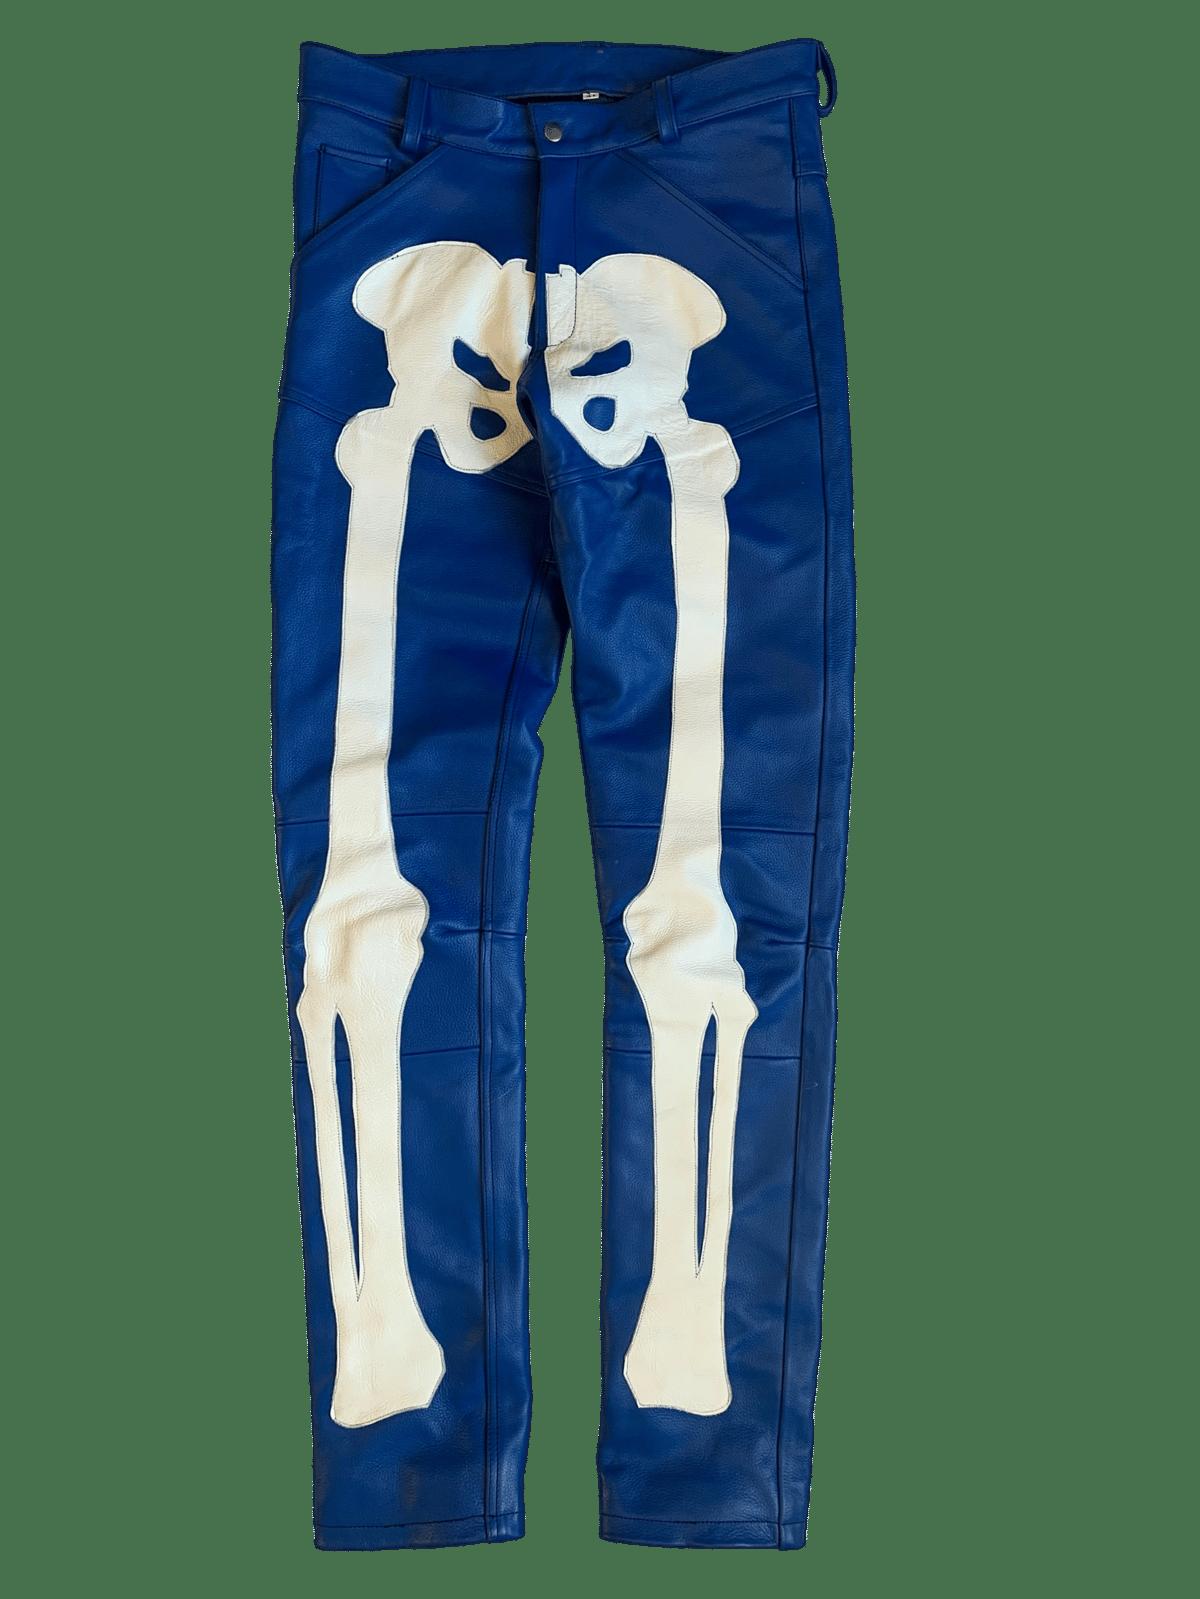 Image of ROYAL BLUE  BIKER BONES LEATHER PANTS